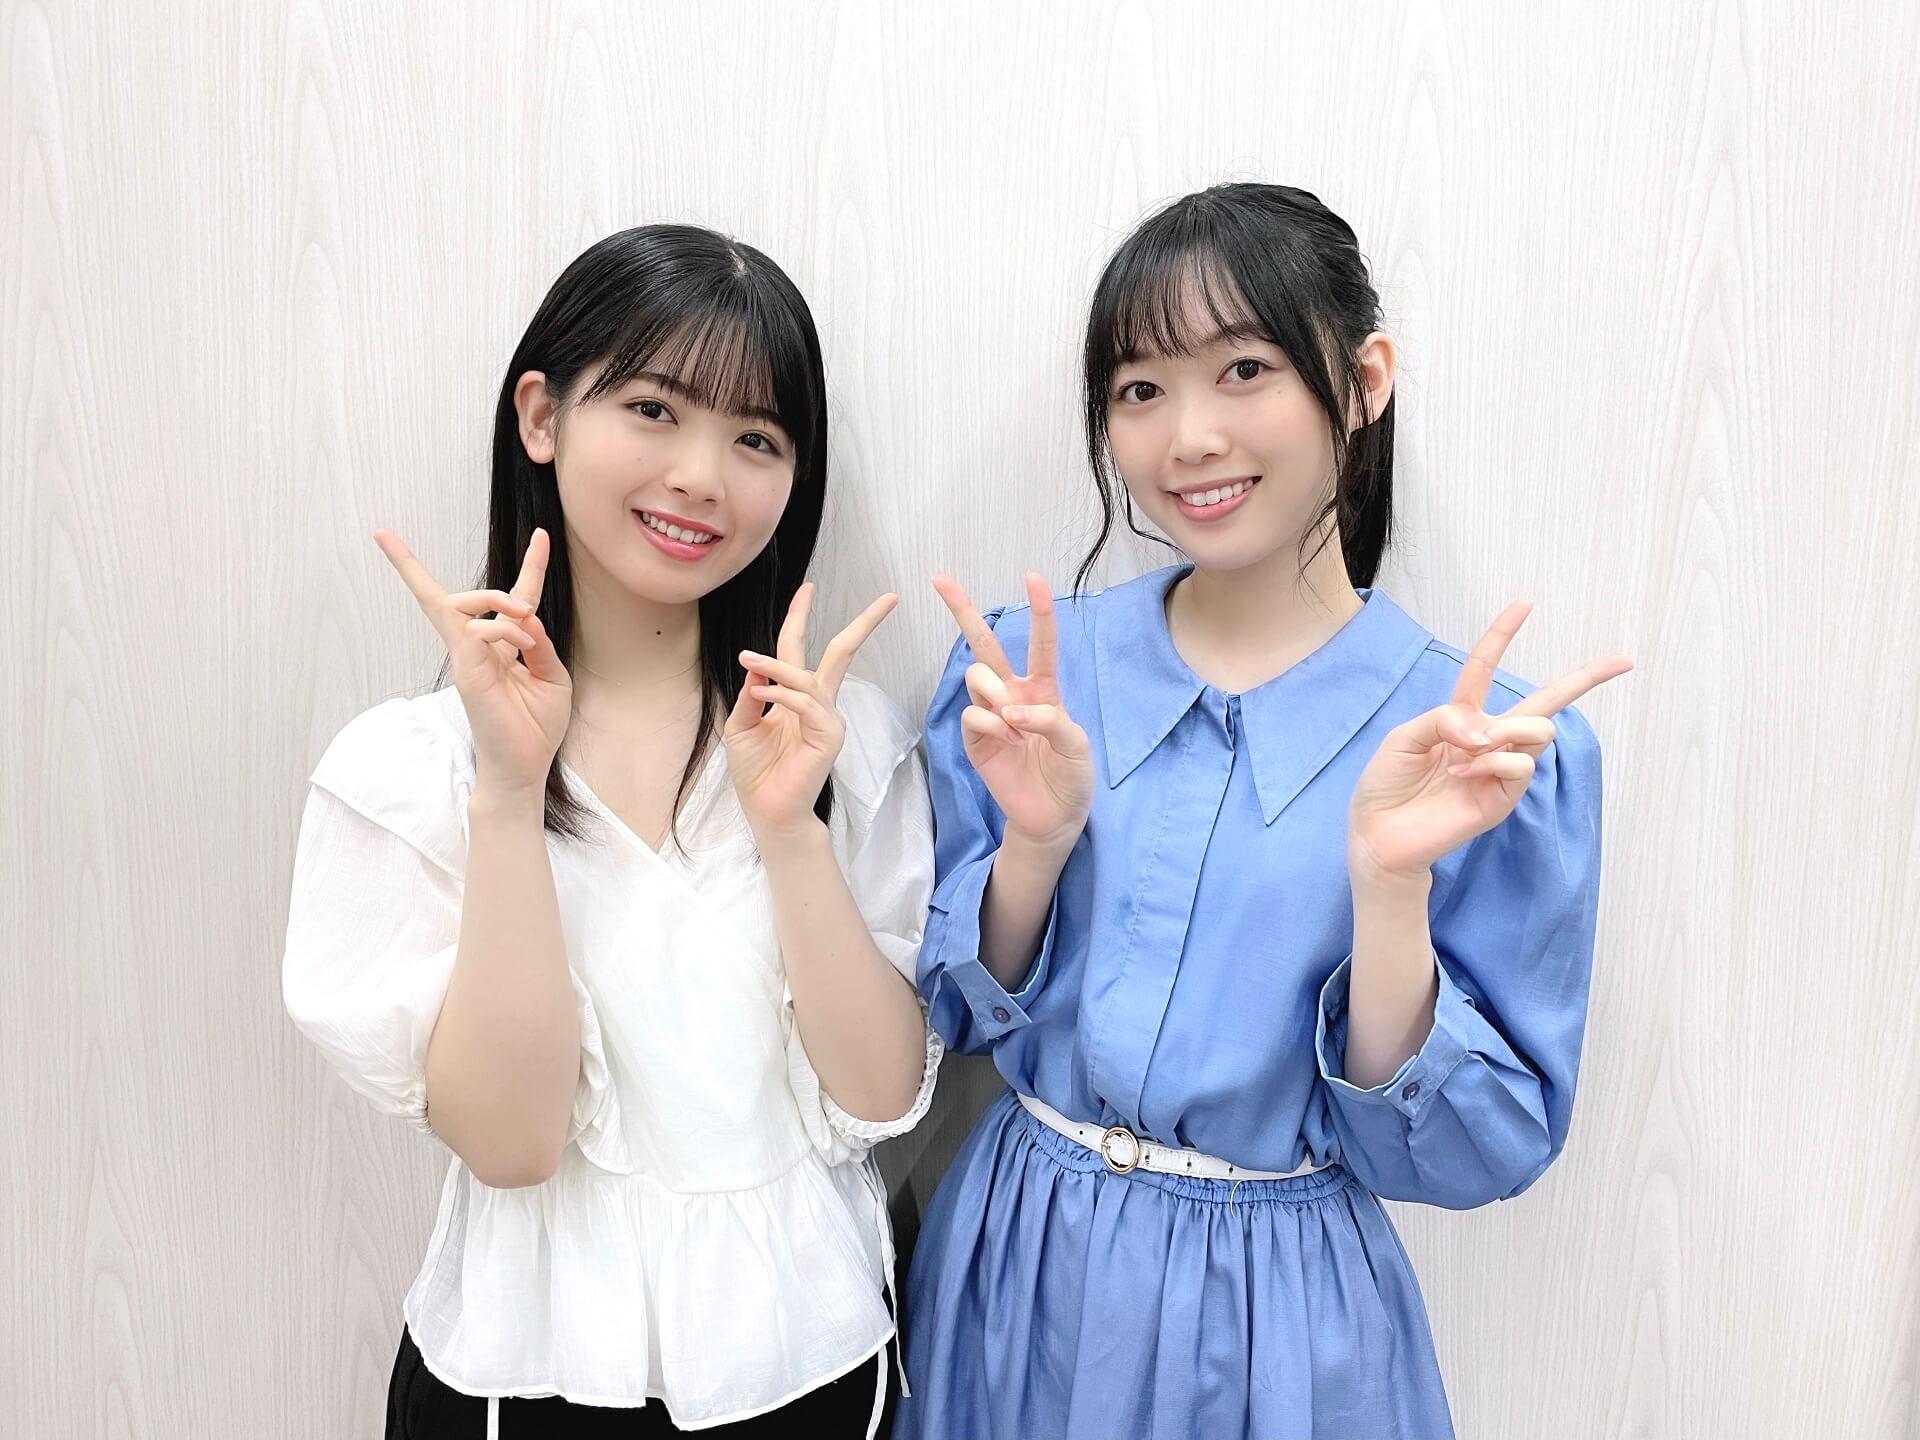 乃木坂46・北川悠理が涙を流した曲は?